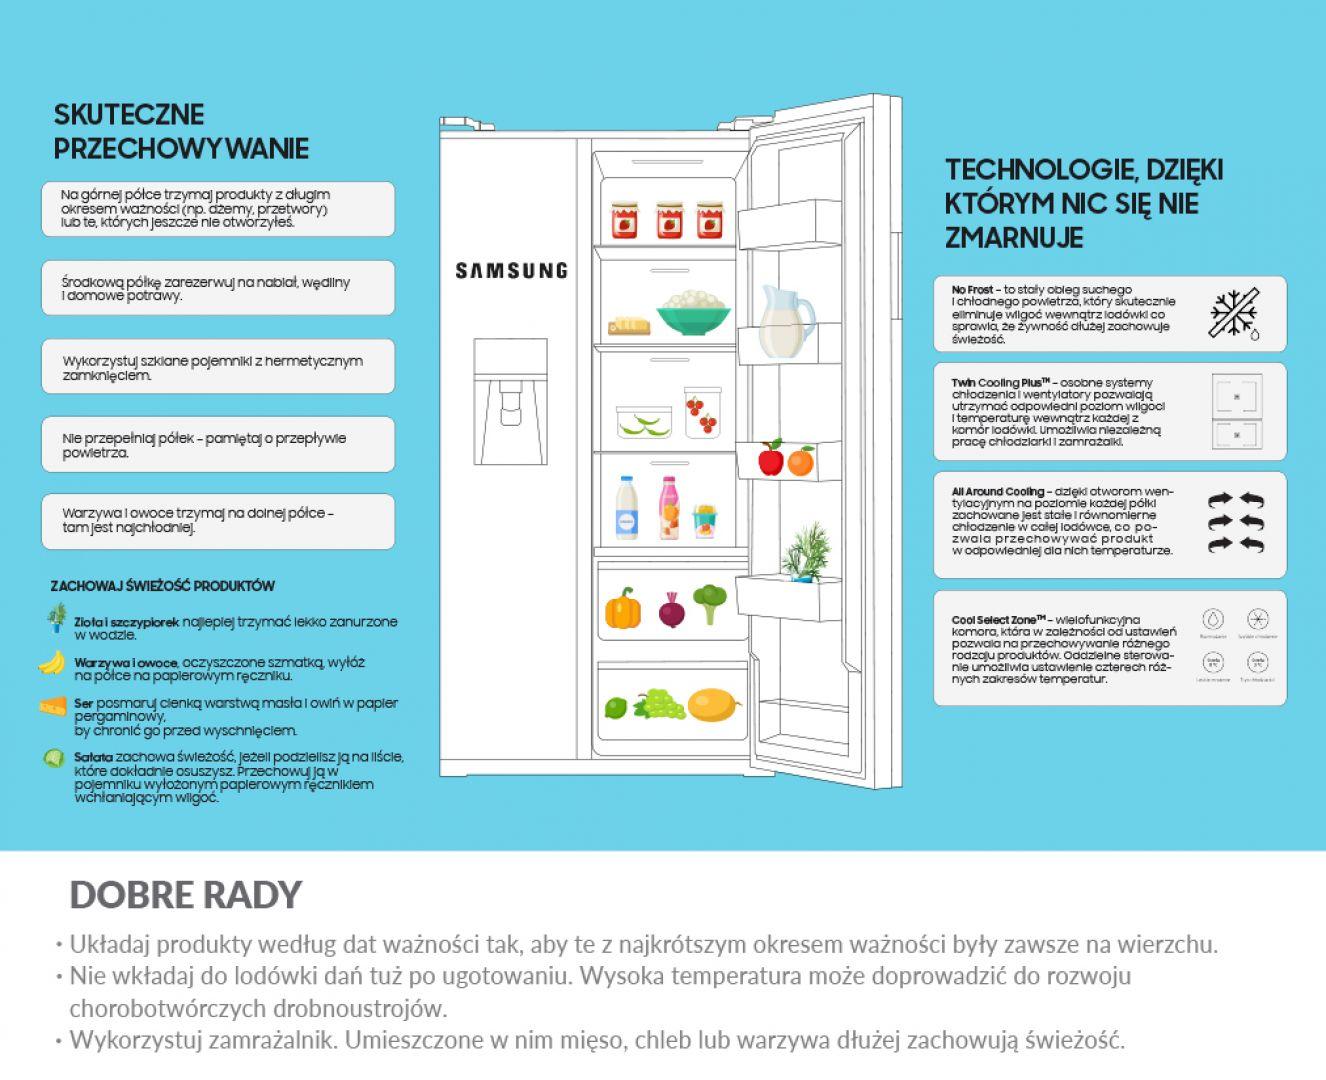 O to jak należy przechowywać żywność w lodówce. Fot. Samsung